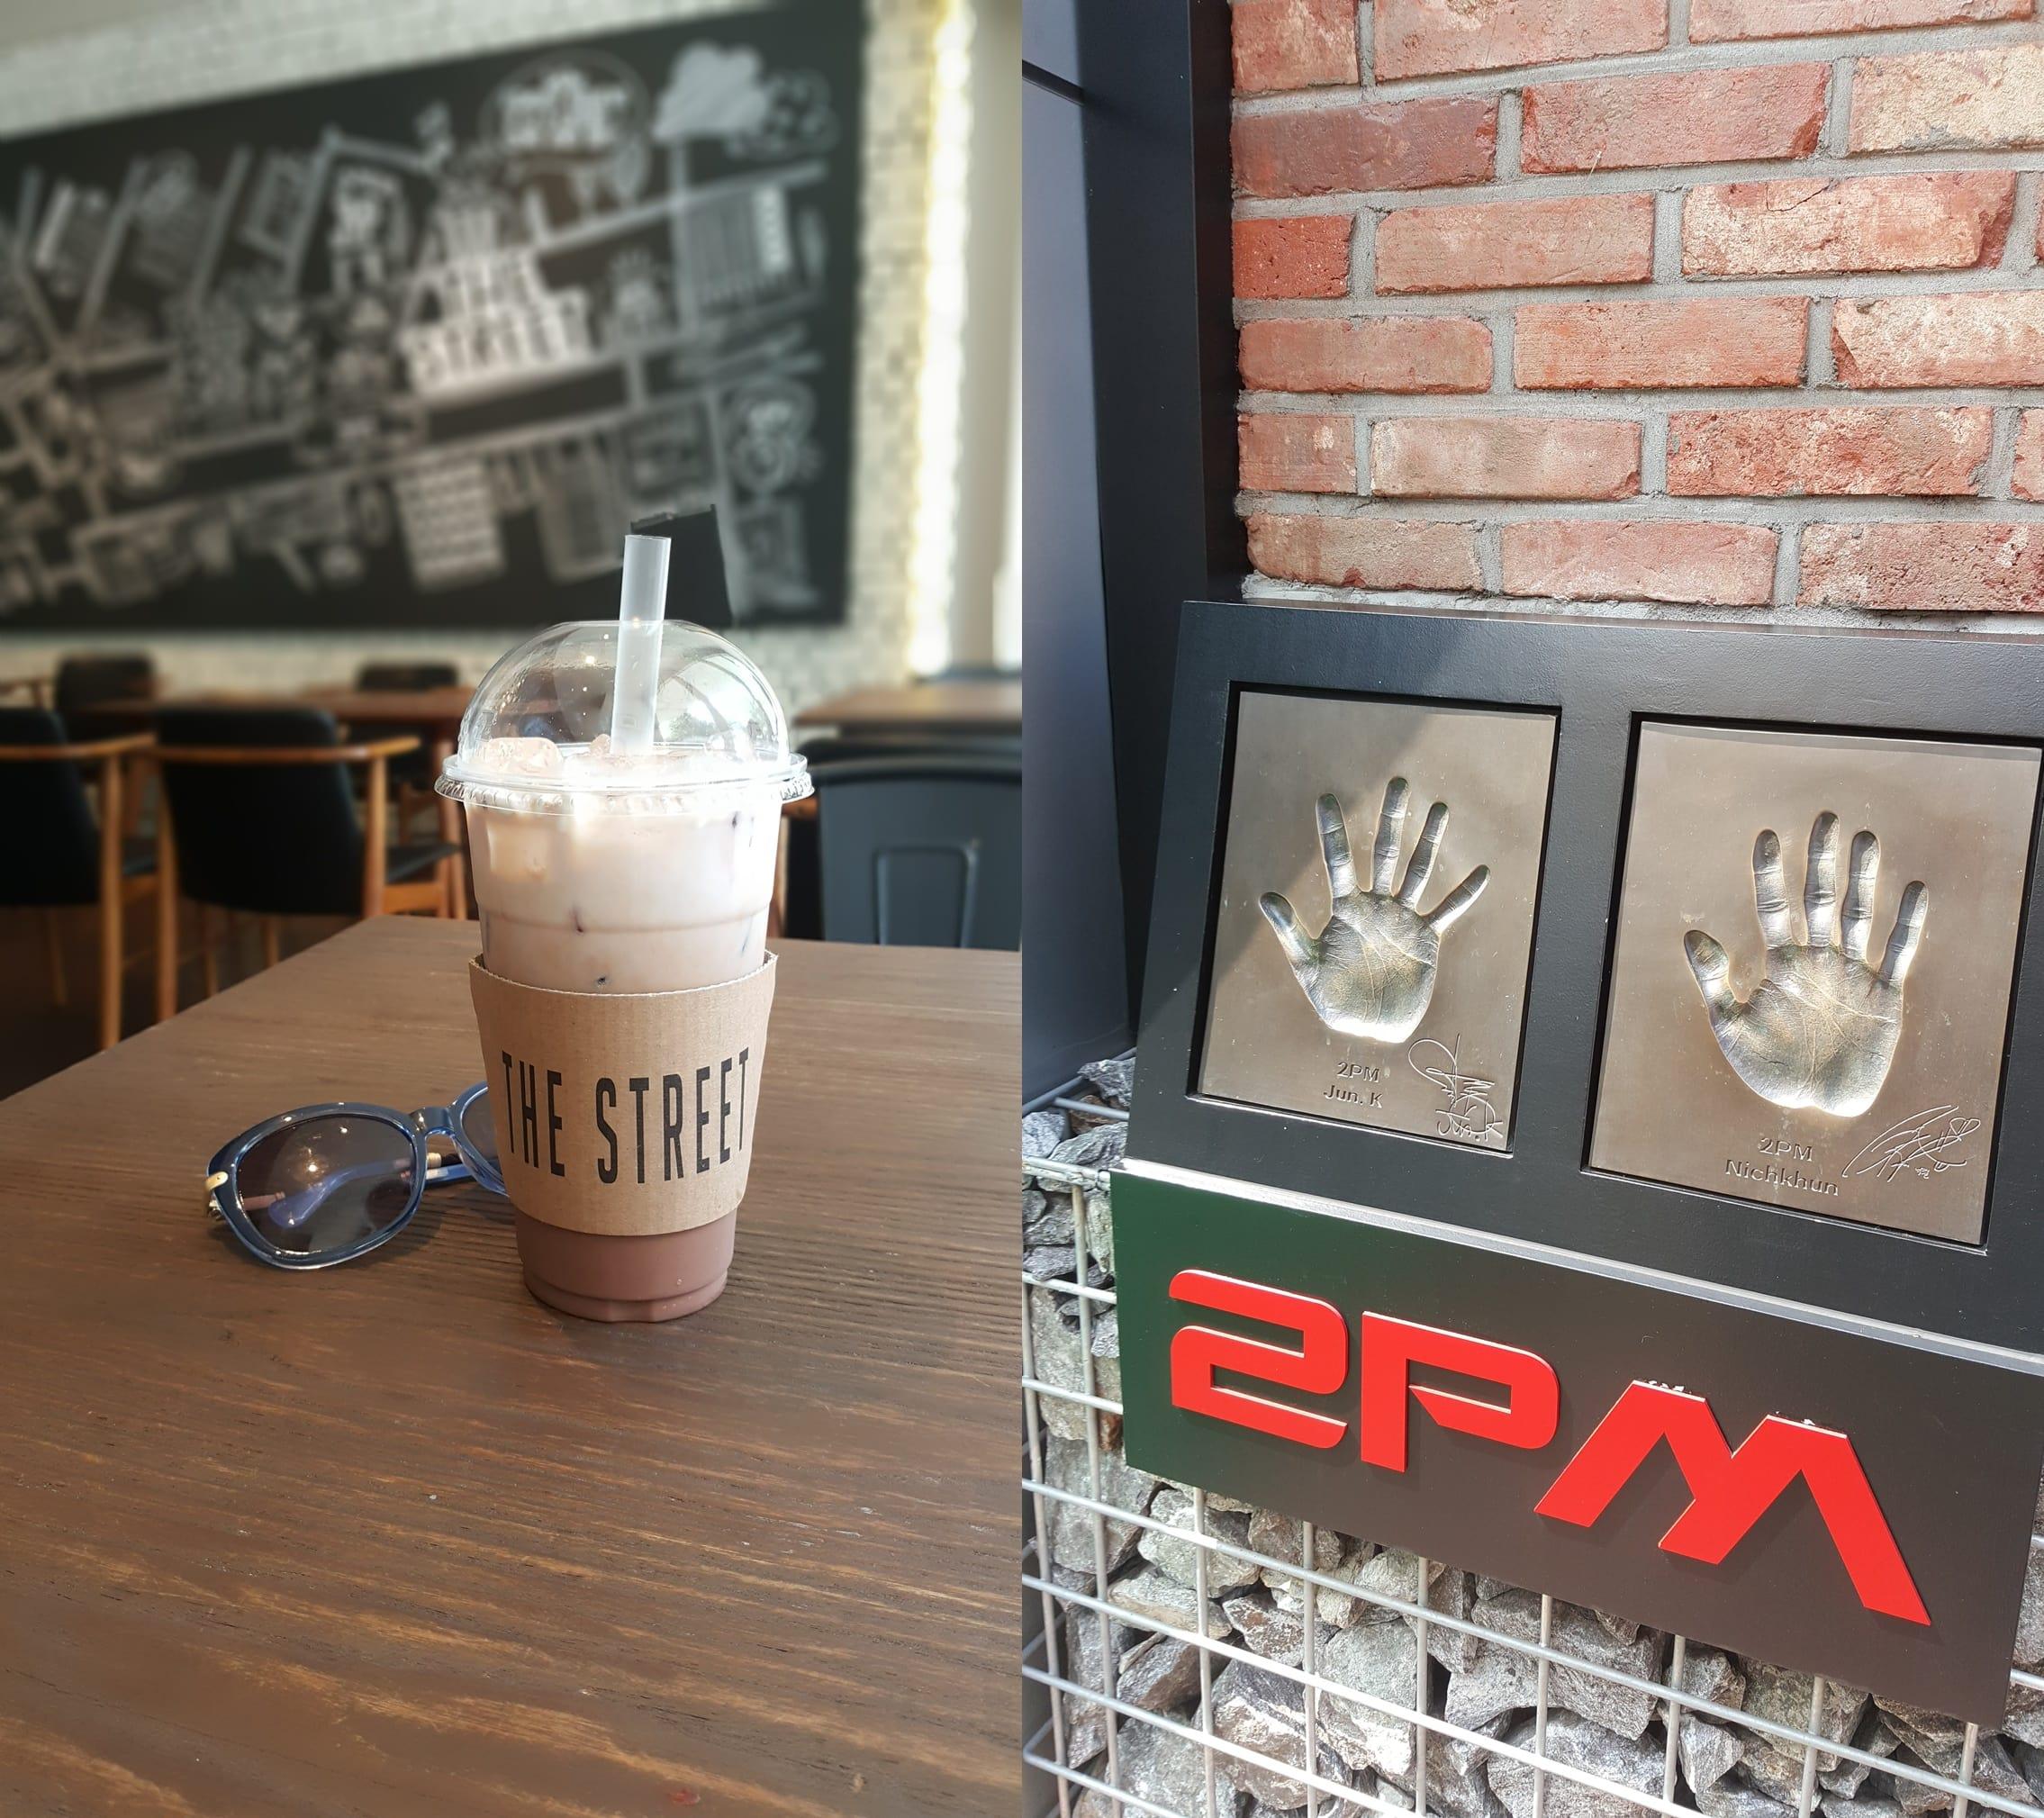 giải khát tại the street cafe bistro khi đi du lịch seoul